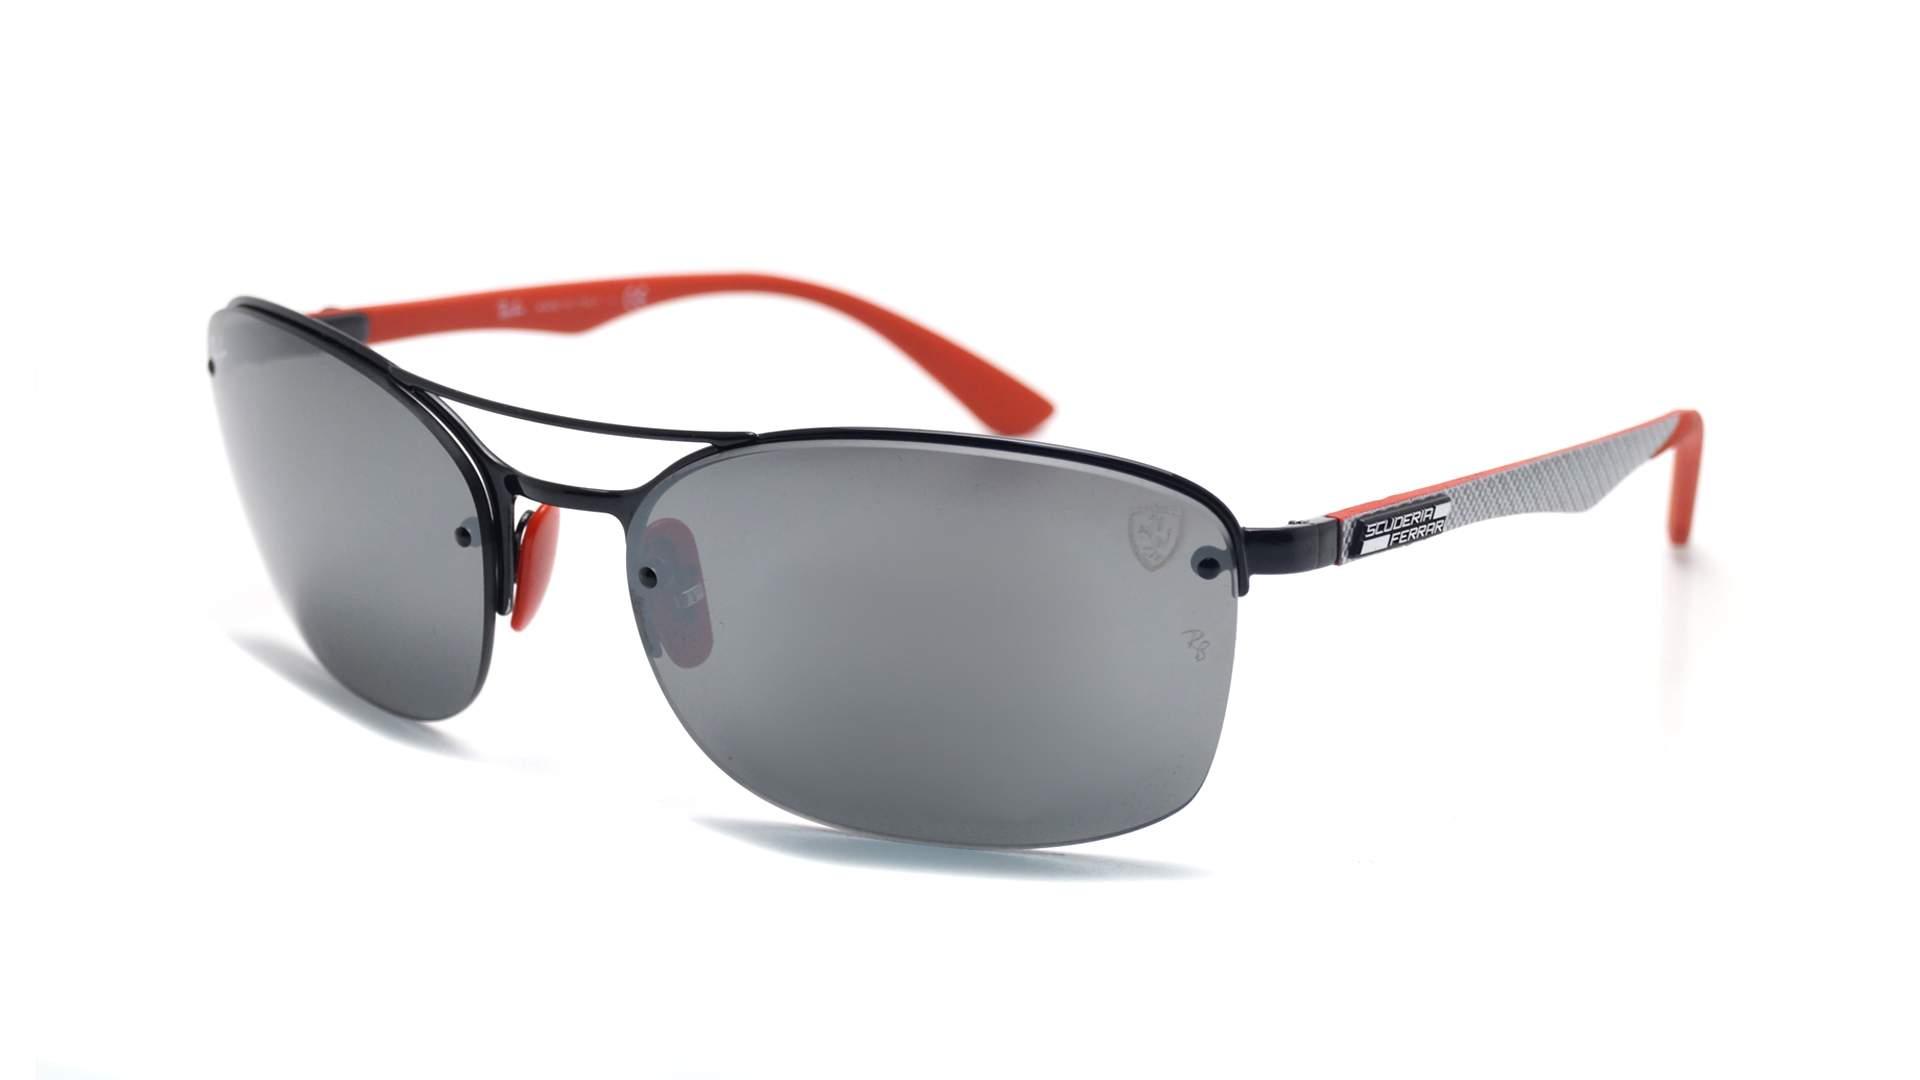 c8db1f498c Sunglasses Ray-Ban Scuderia Ferrari Fibre Carbon Black Chromance RB3617M  F0096G 62-18 Large Flash